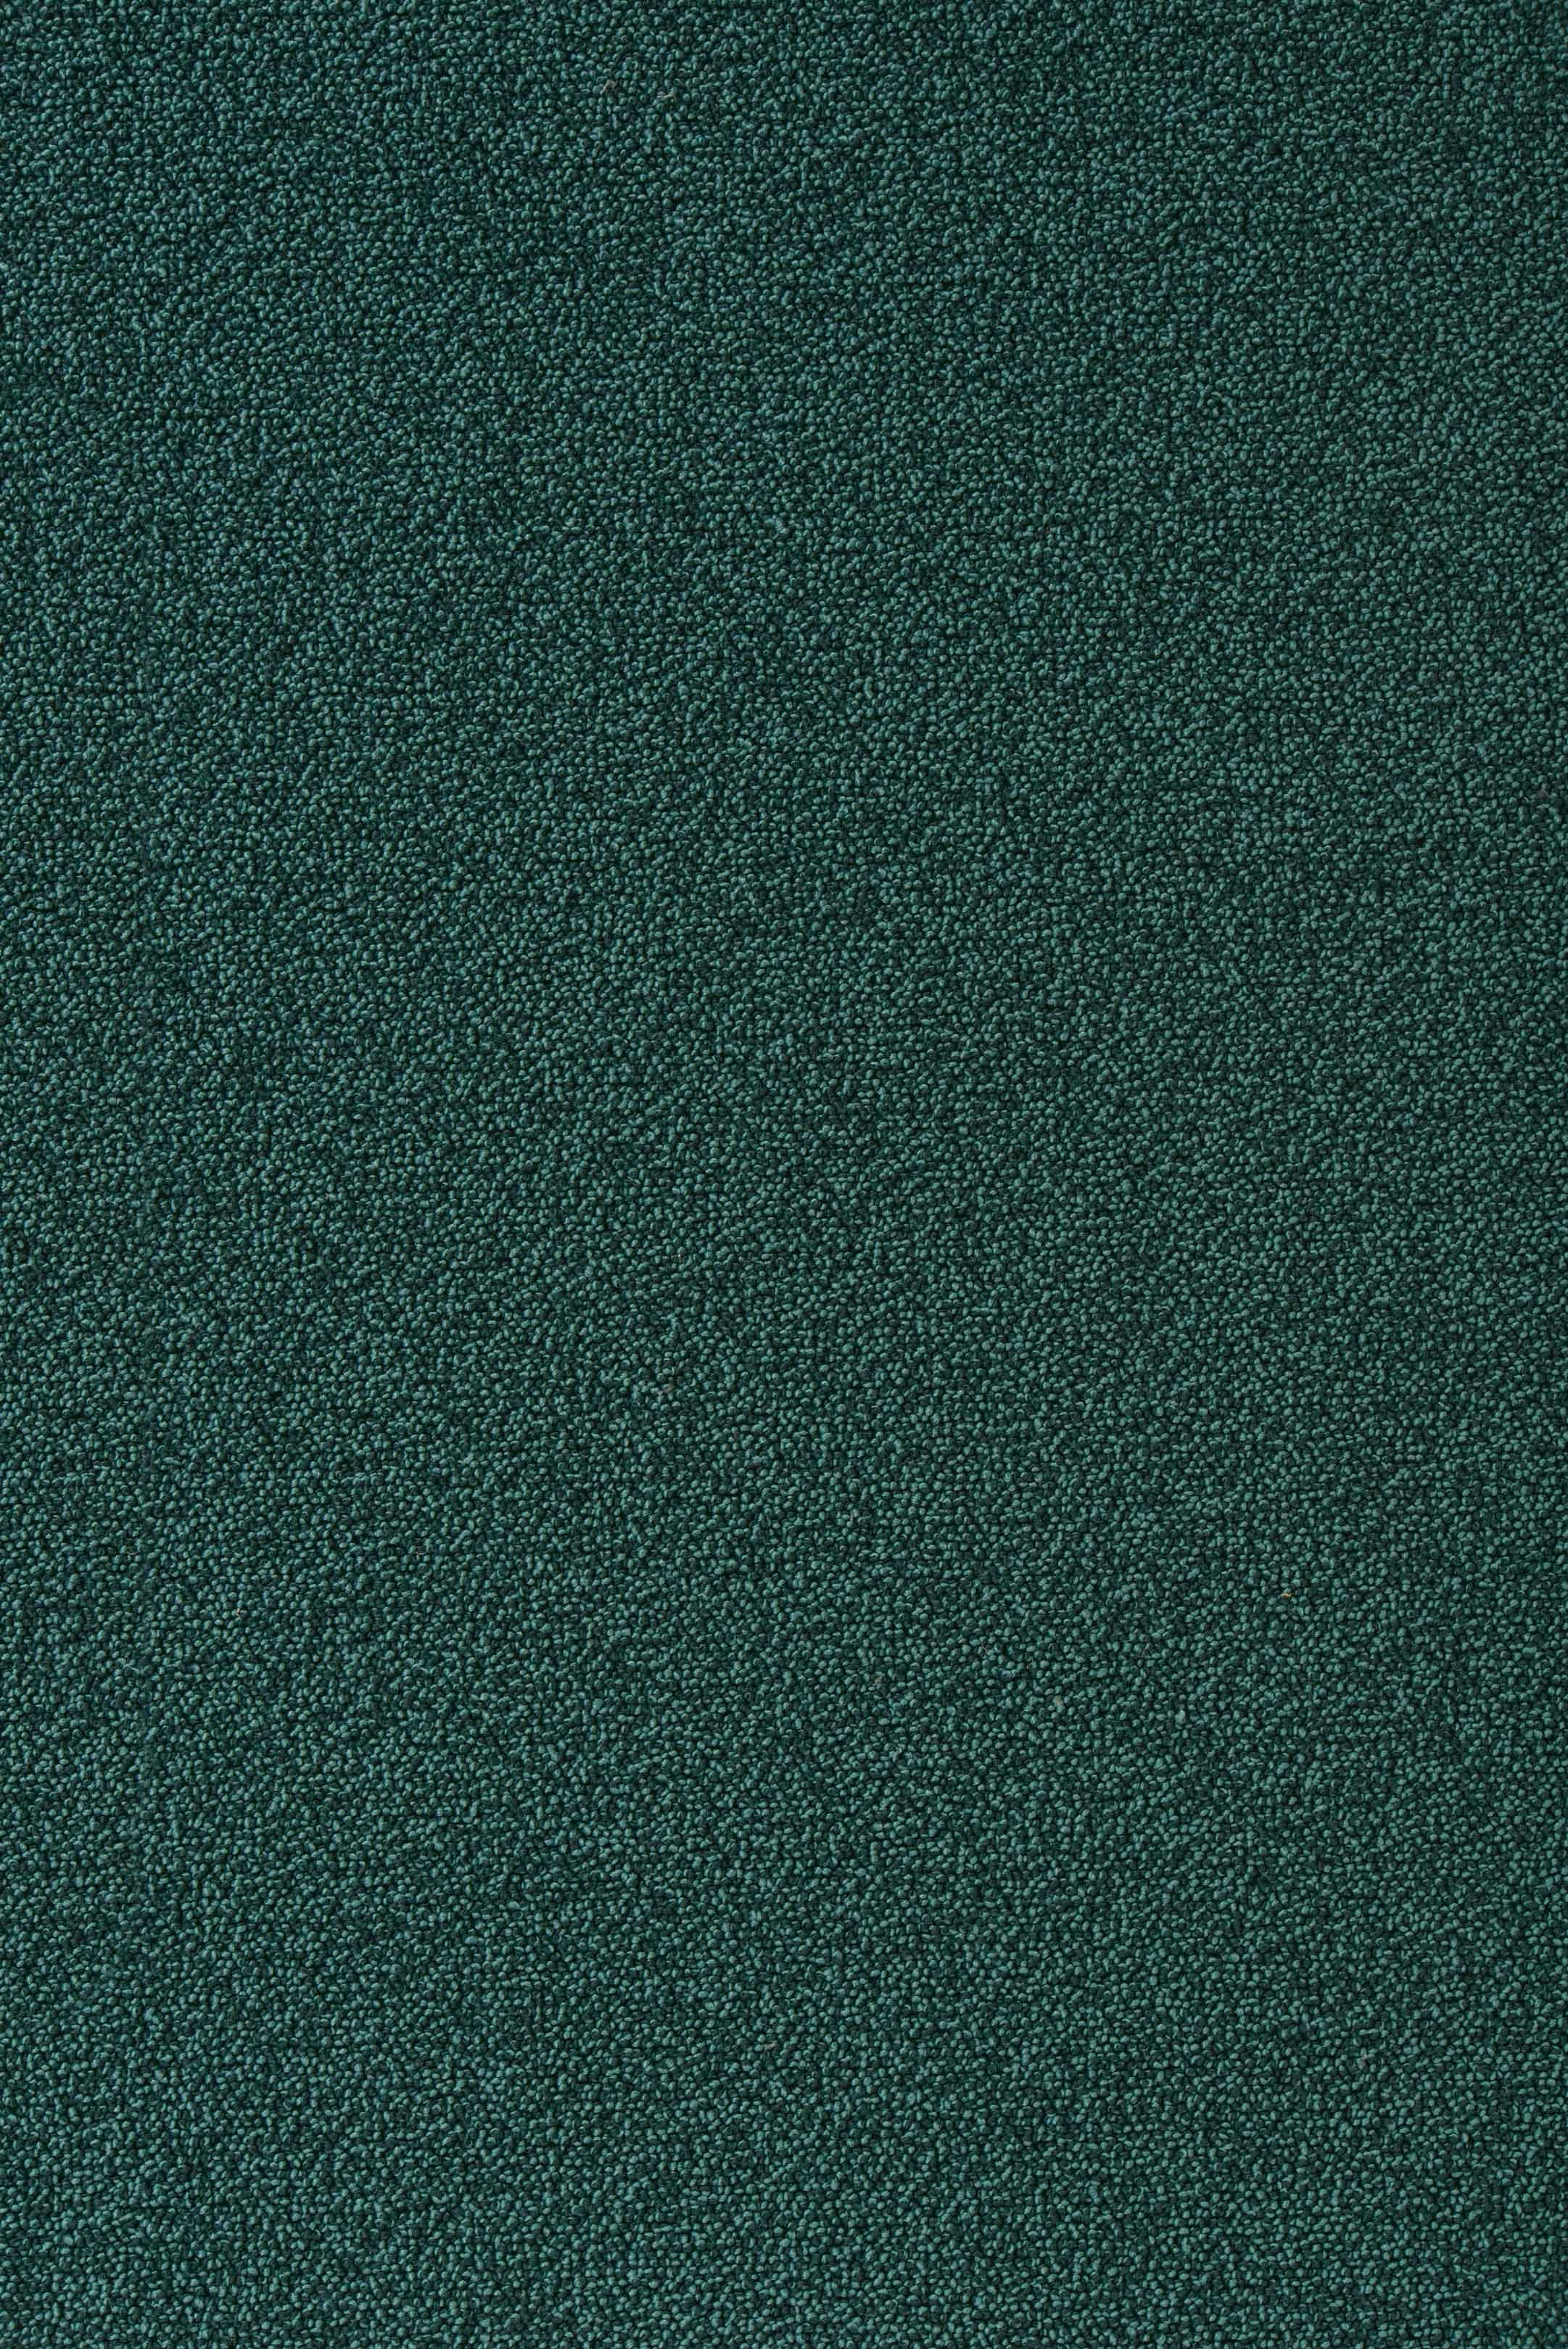 vorwerk teppich essential 1032 4g33 room up online. Black Bedroom Furniture Sets. Home Design Ideas